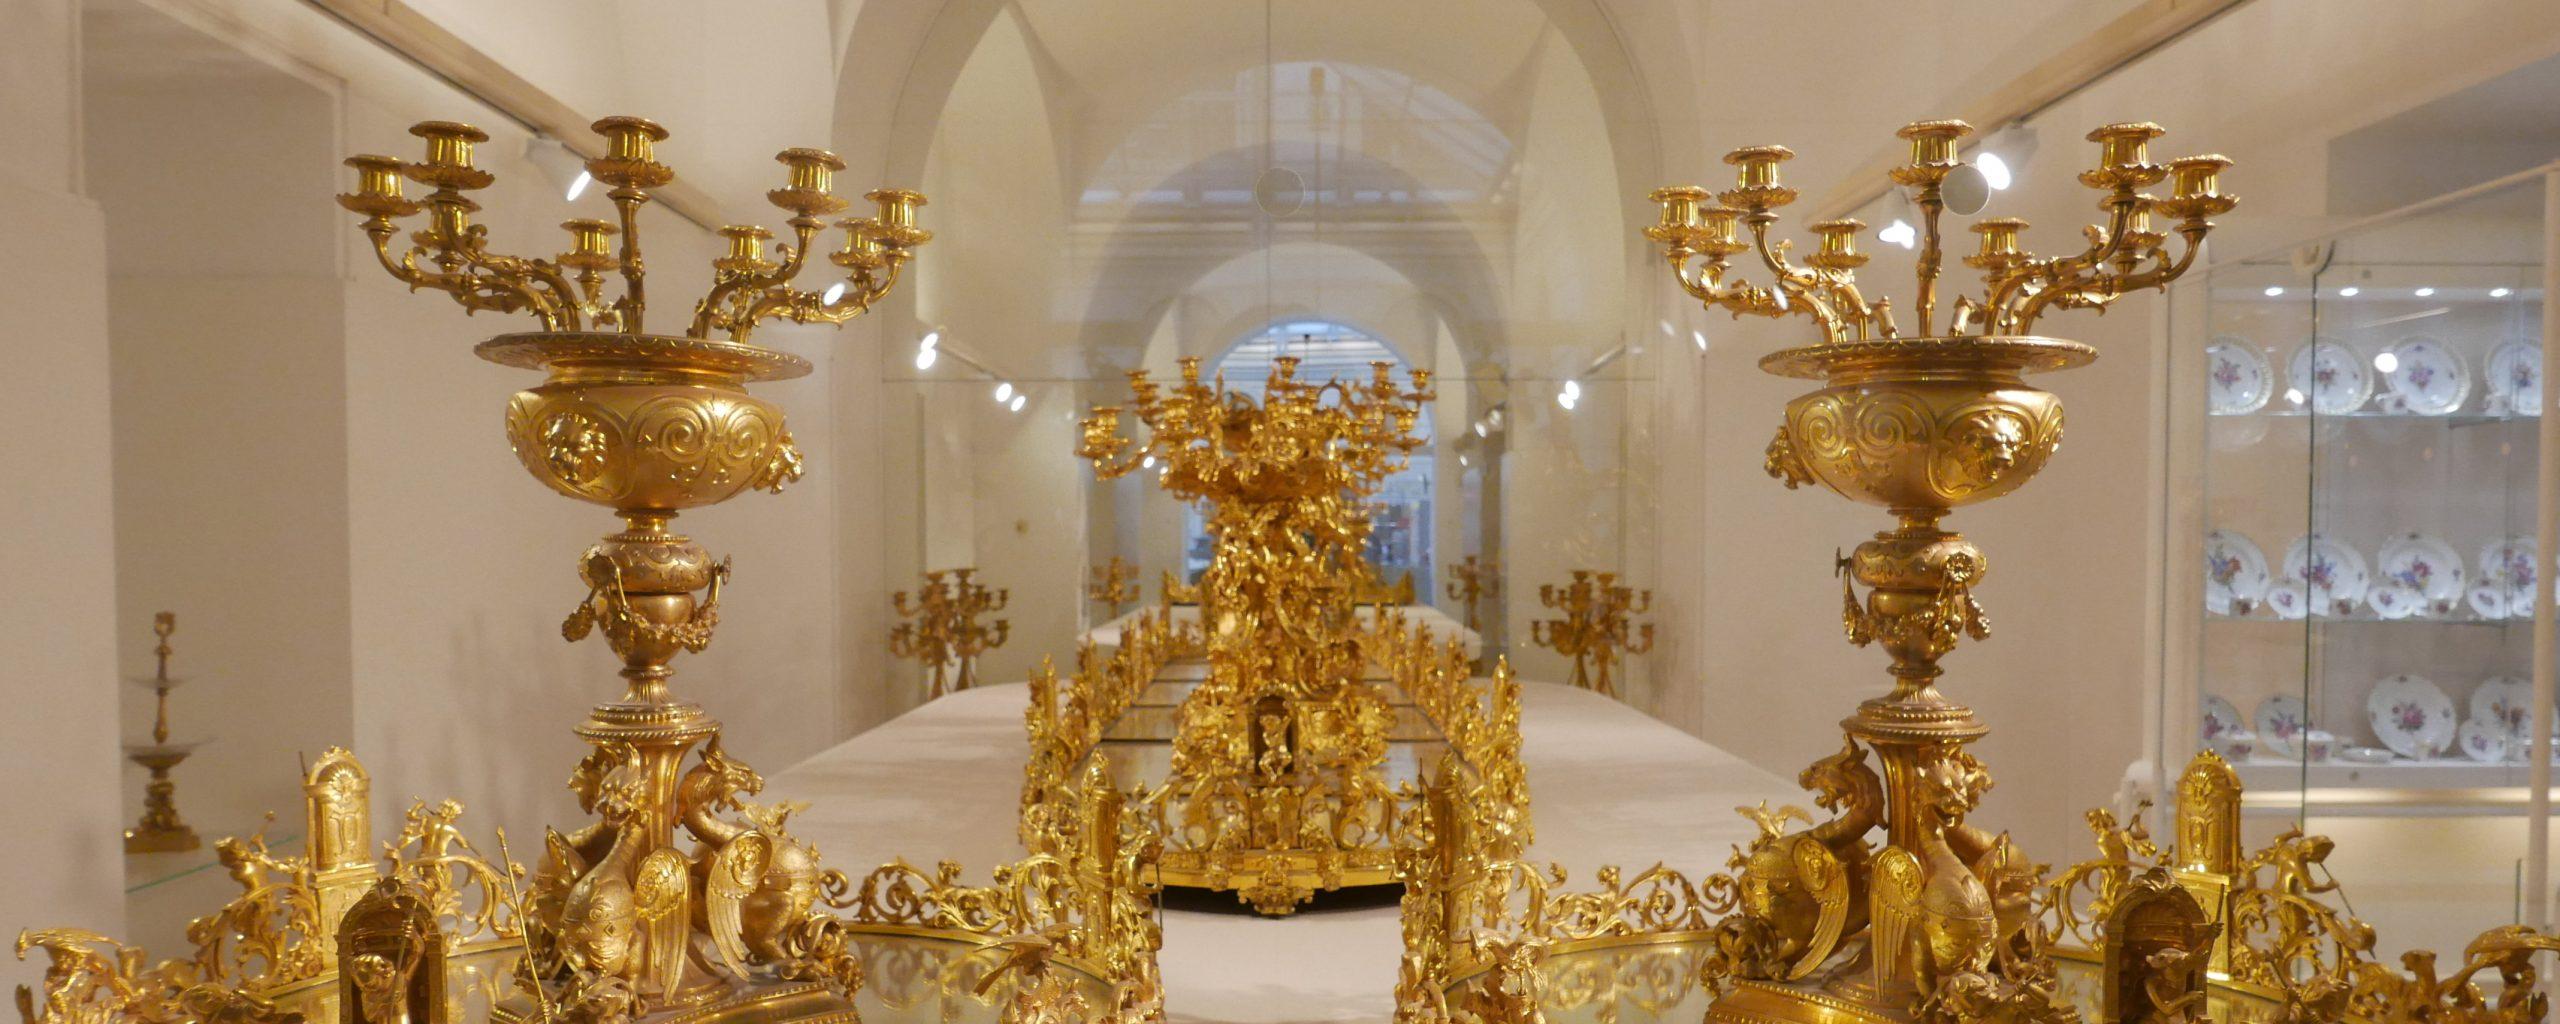 維也納景點|霍夫堡Hofburg門票、地圖、展覽&Sisi Ticket介紹